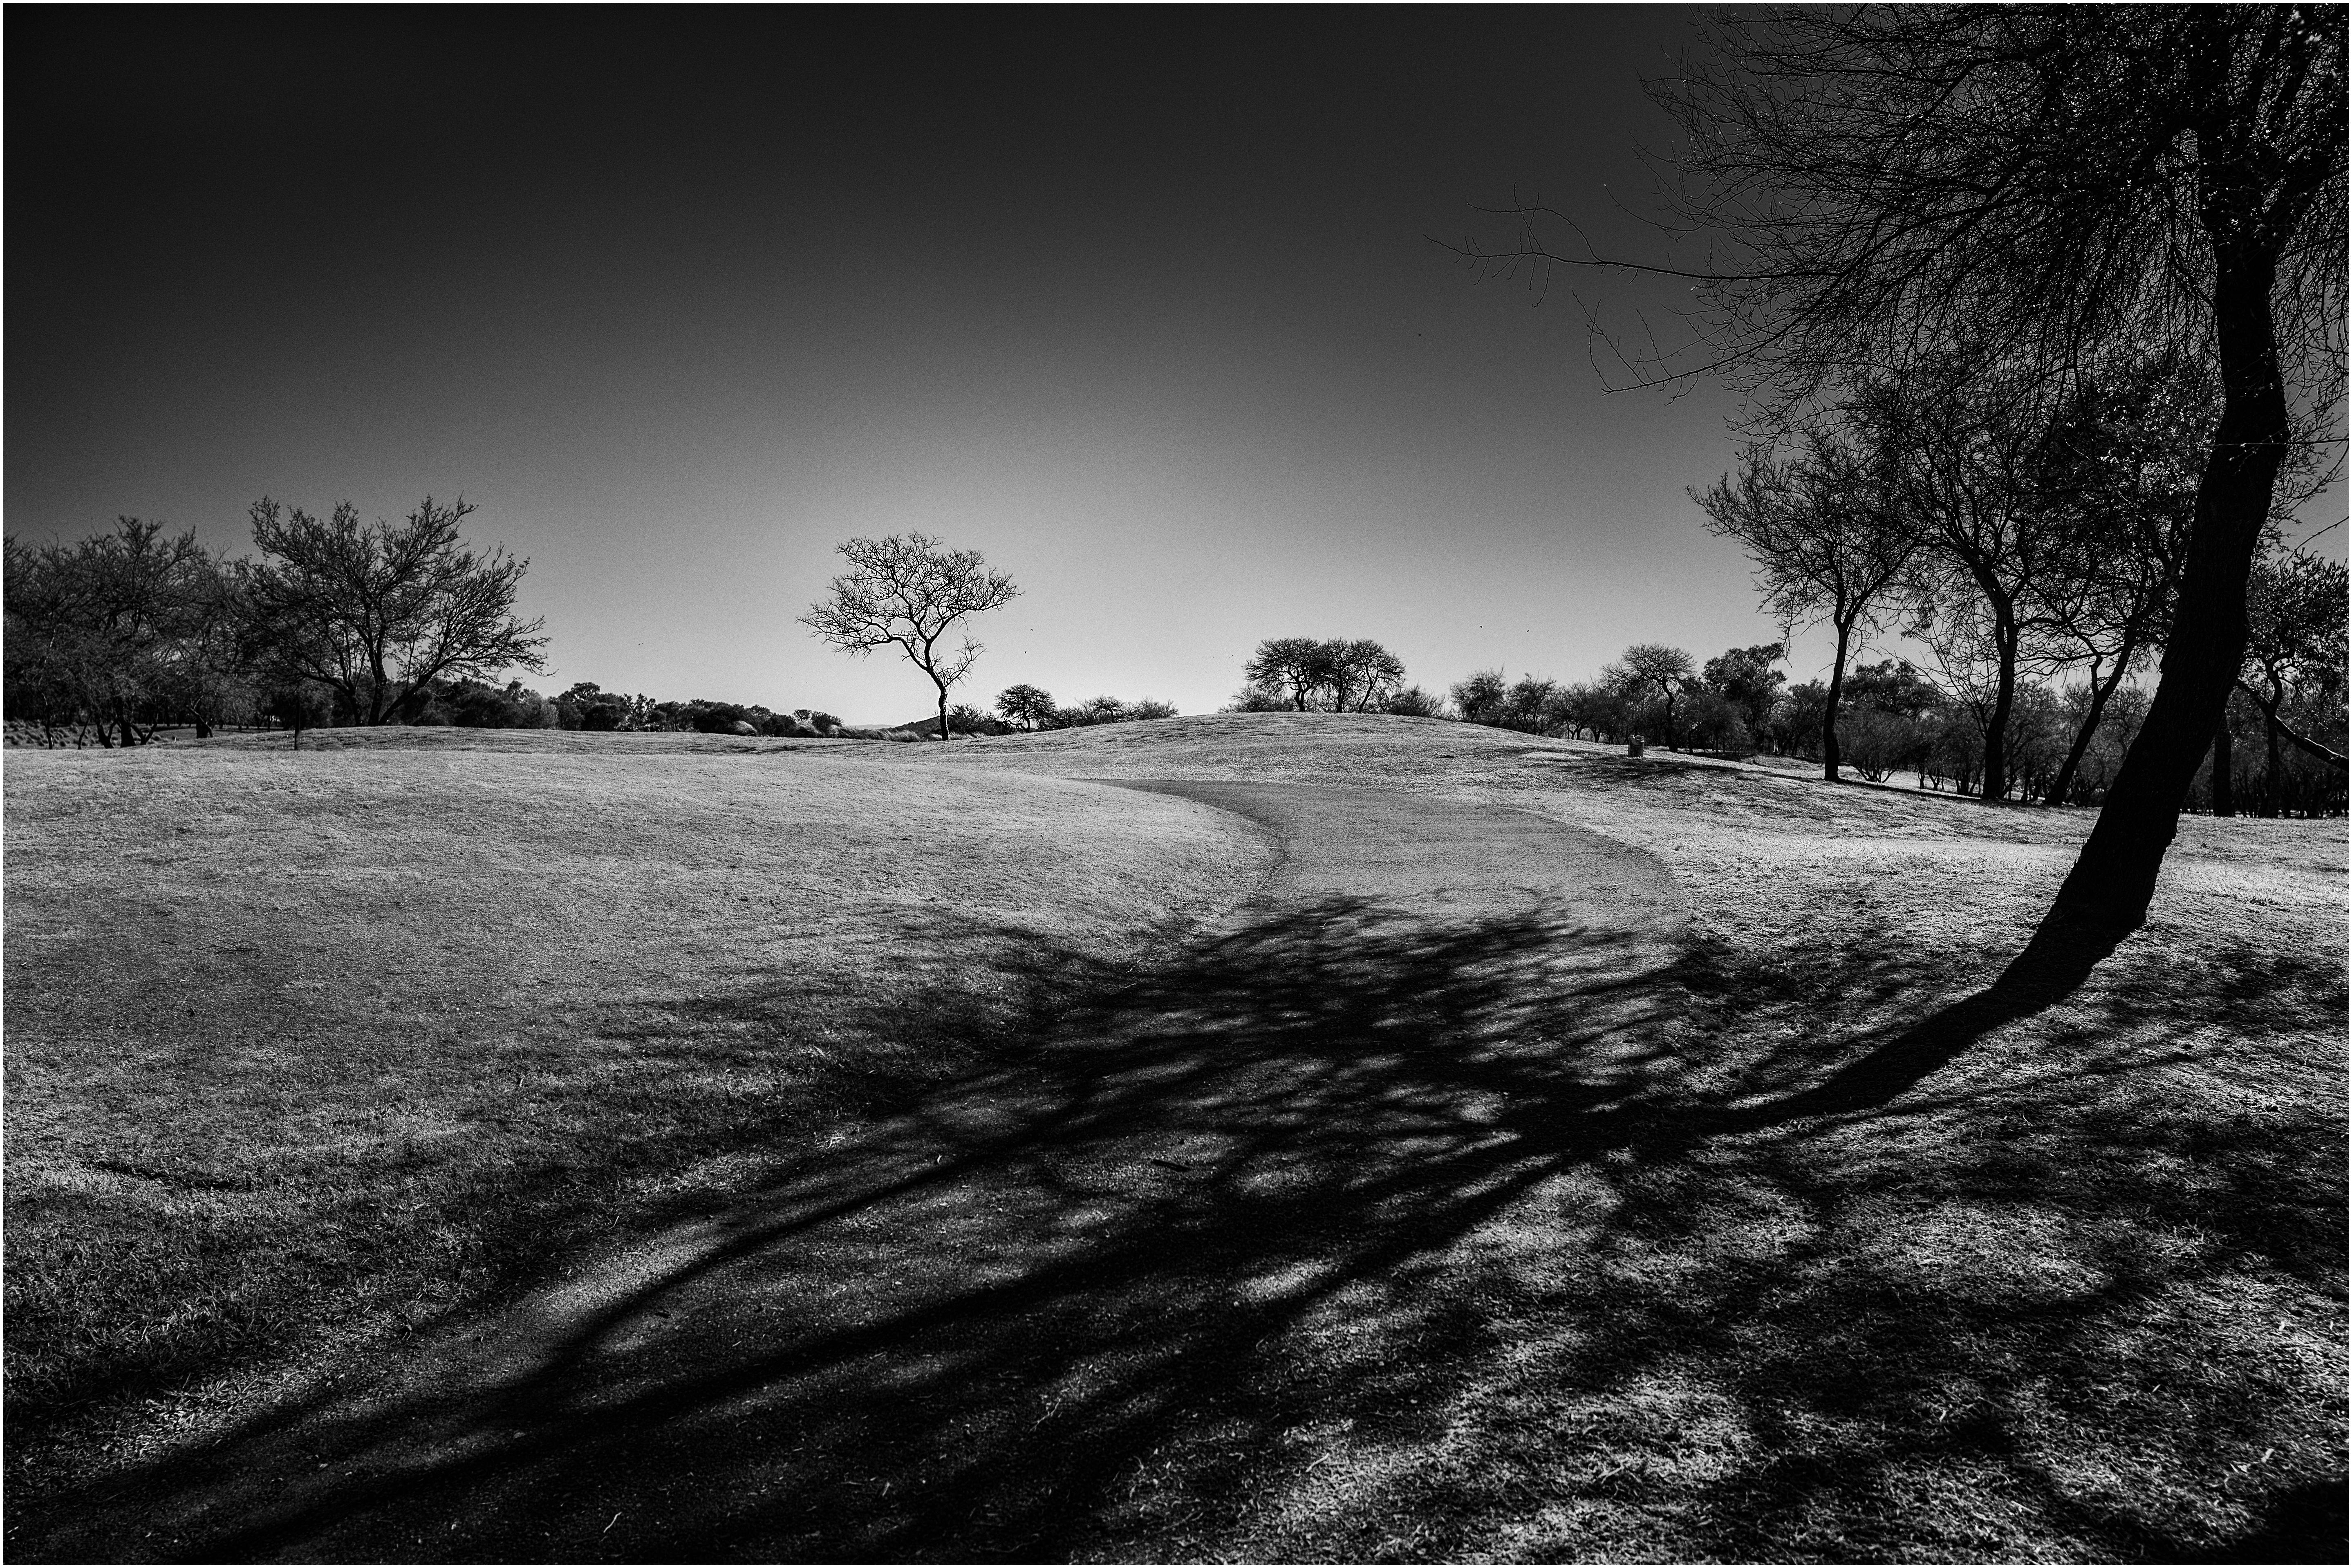 El caminito al árbol. Cercanías de Alta Gracia, Córdoba, Argentina